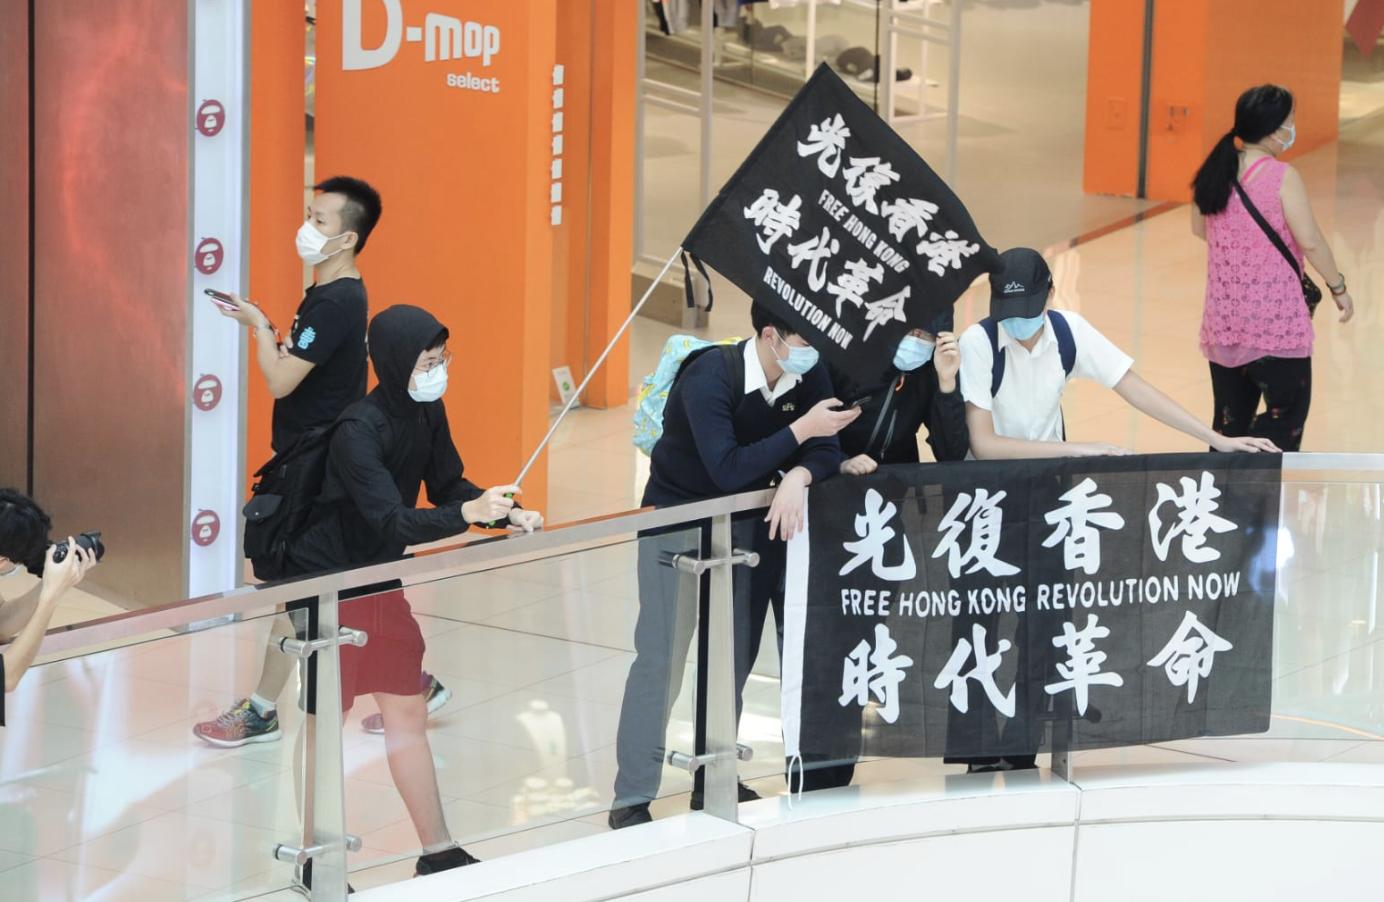 「光復香港,時代革命」(宋碧龍/大紀元)